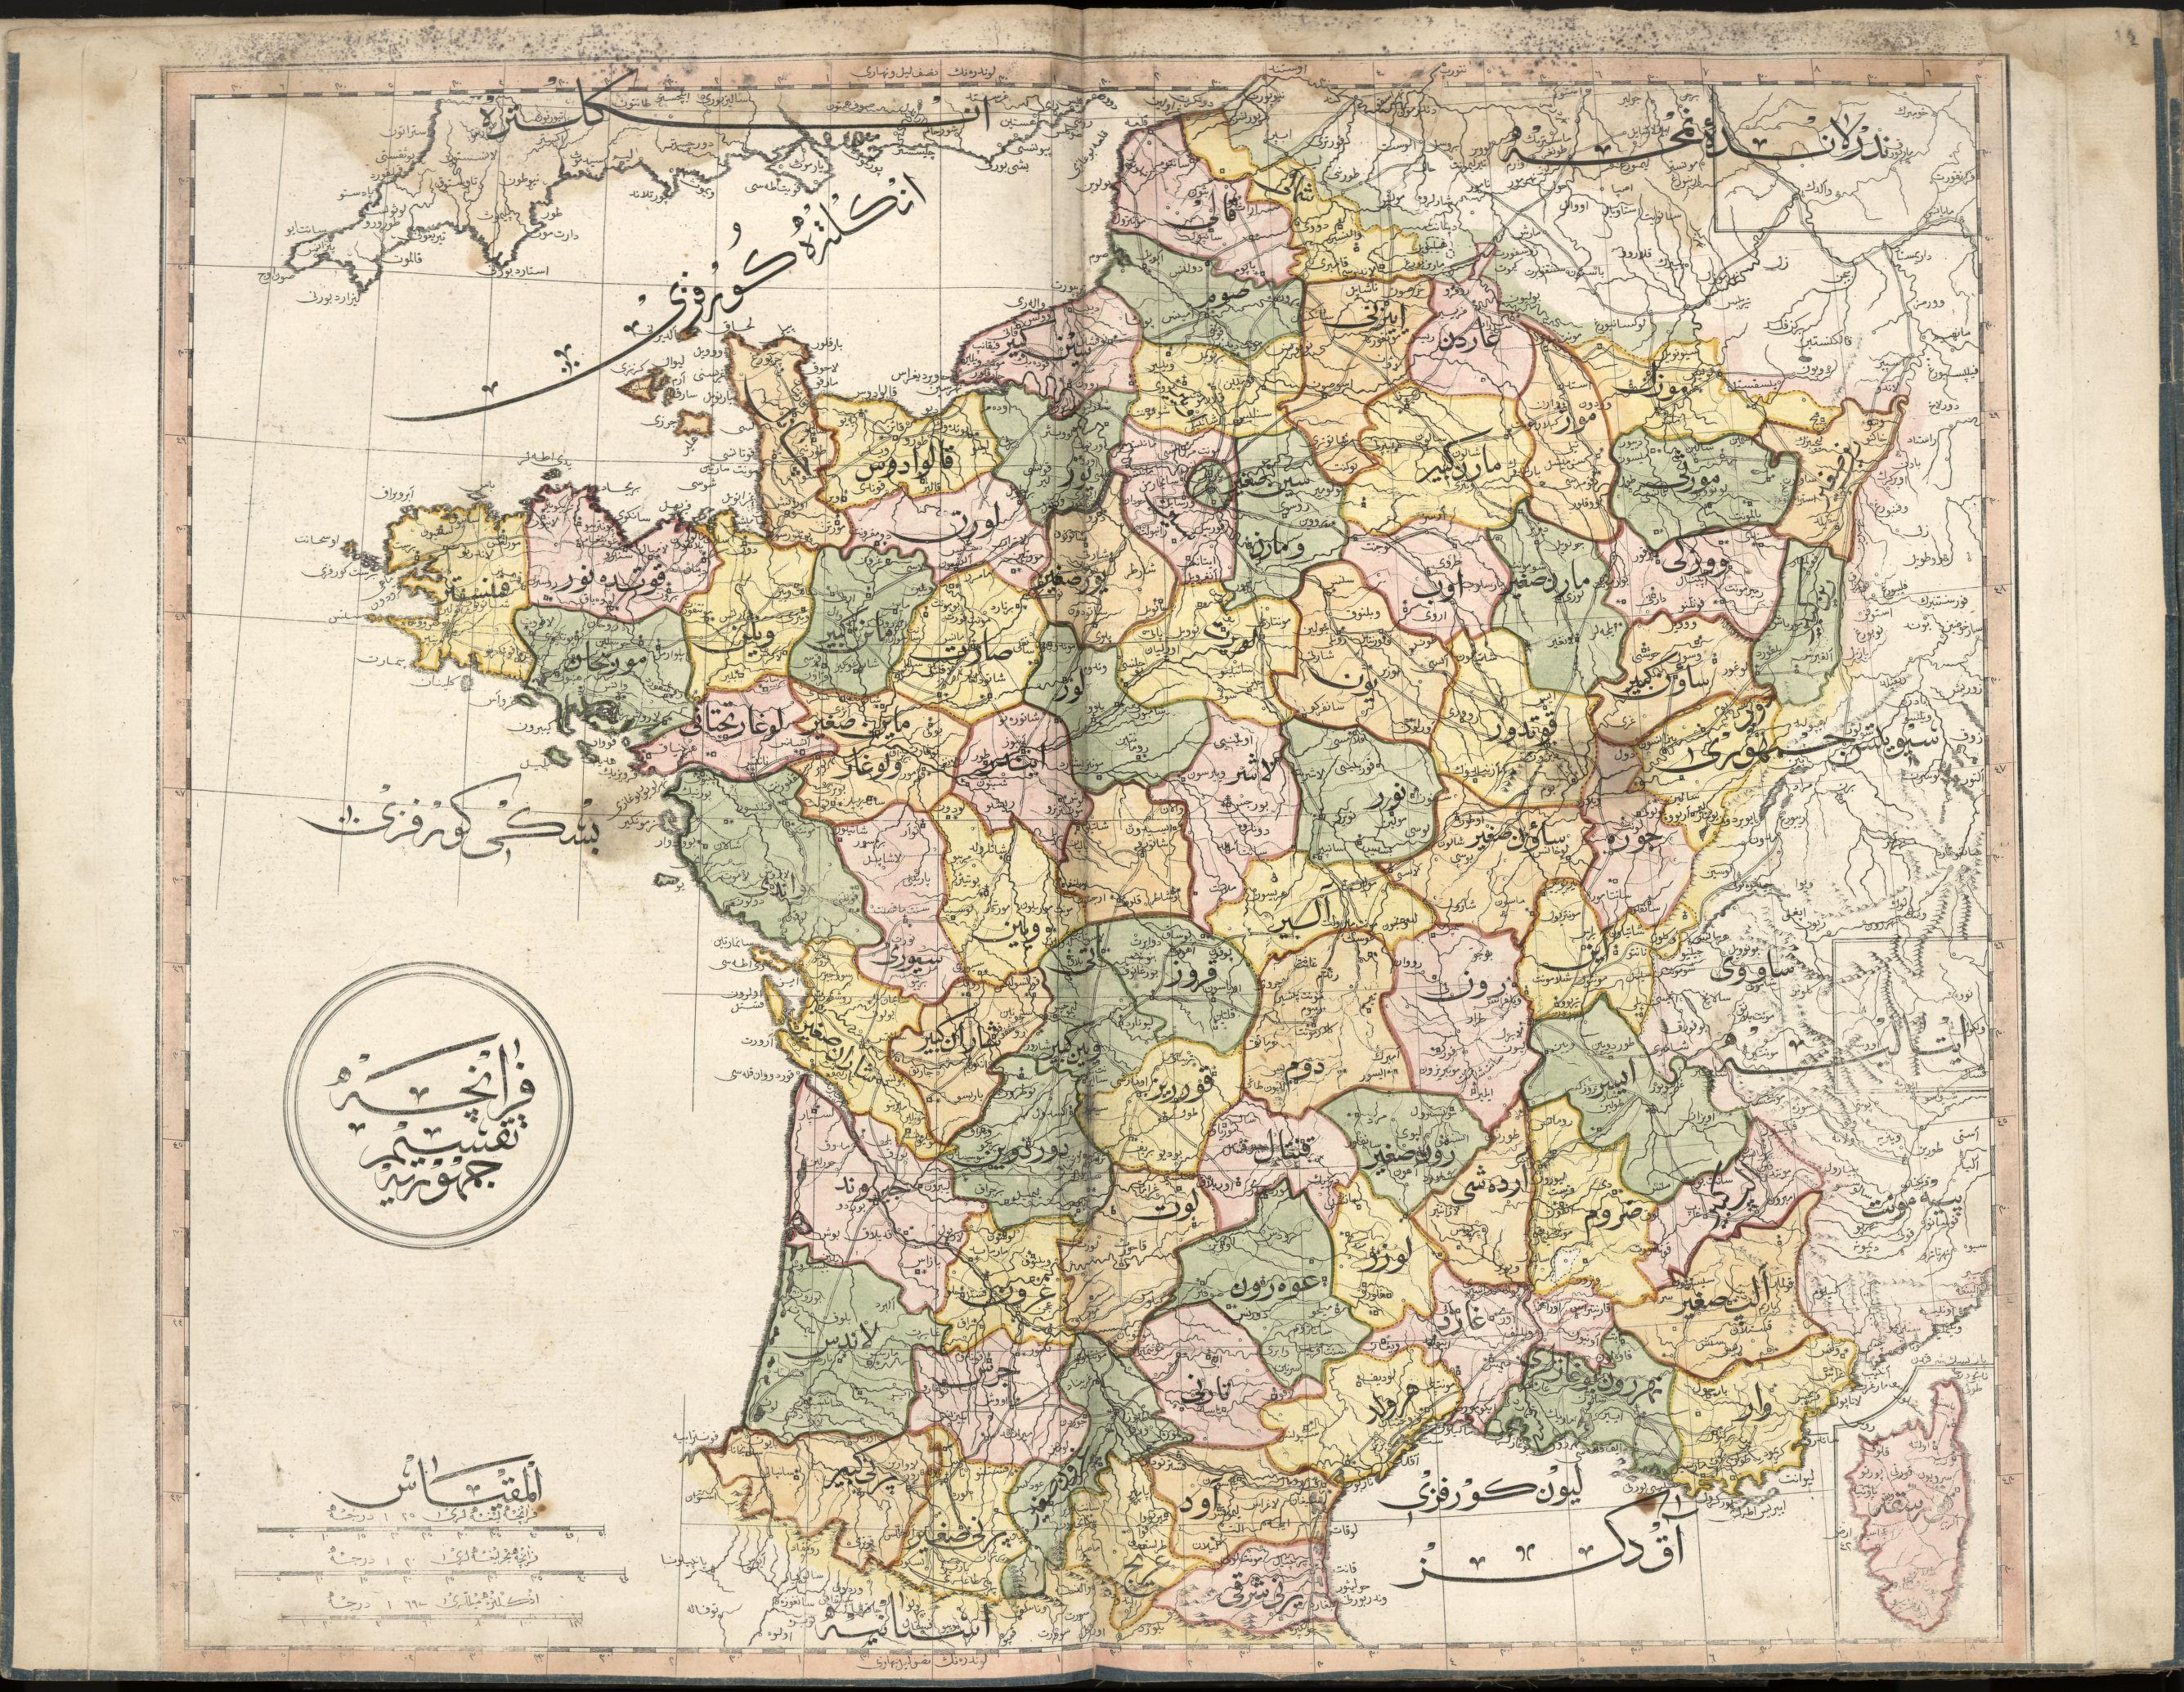 Epingle Sur Histoire Geographie